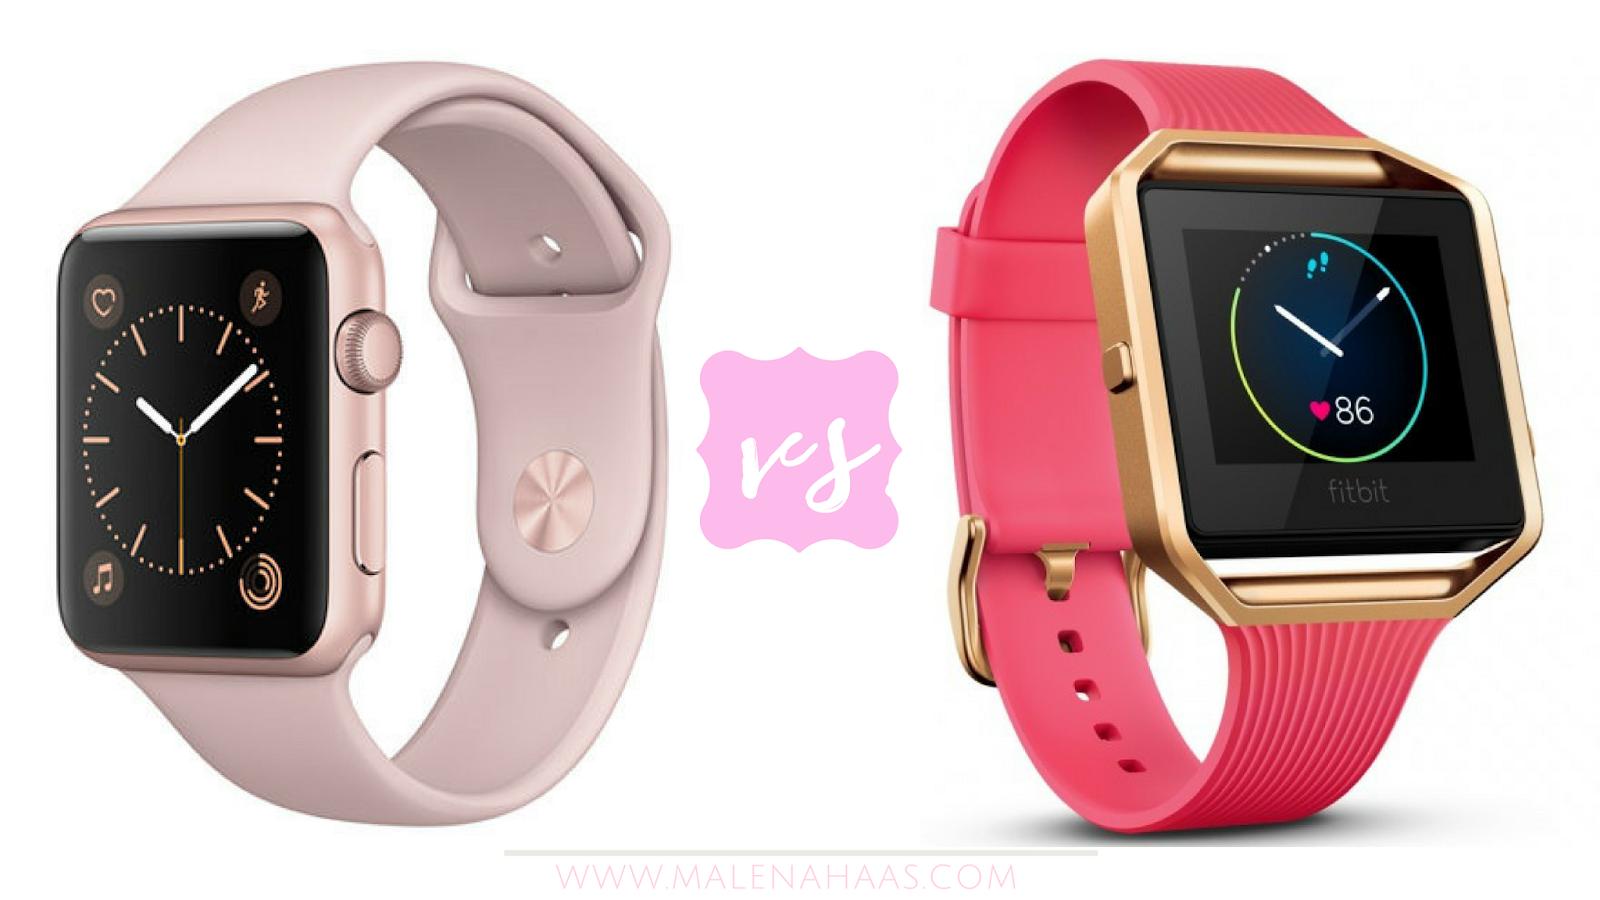 Malena Haas: Apple Watch vs. FitBit Blaze: Which Is Better?